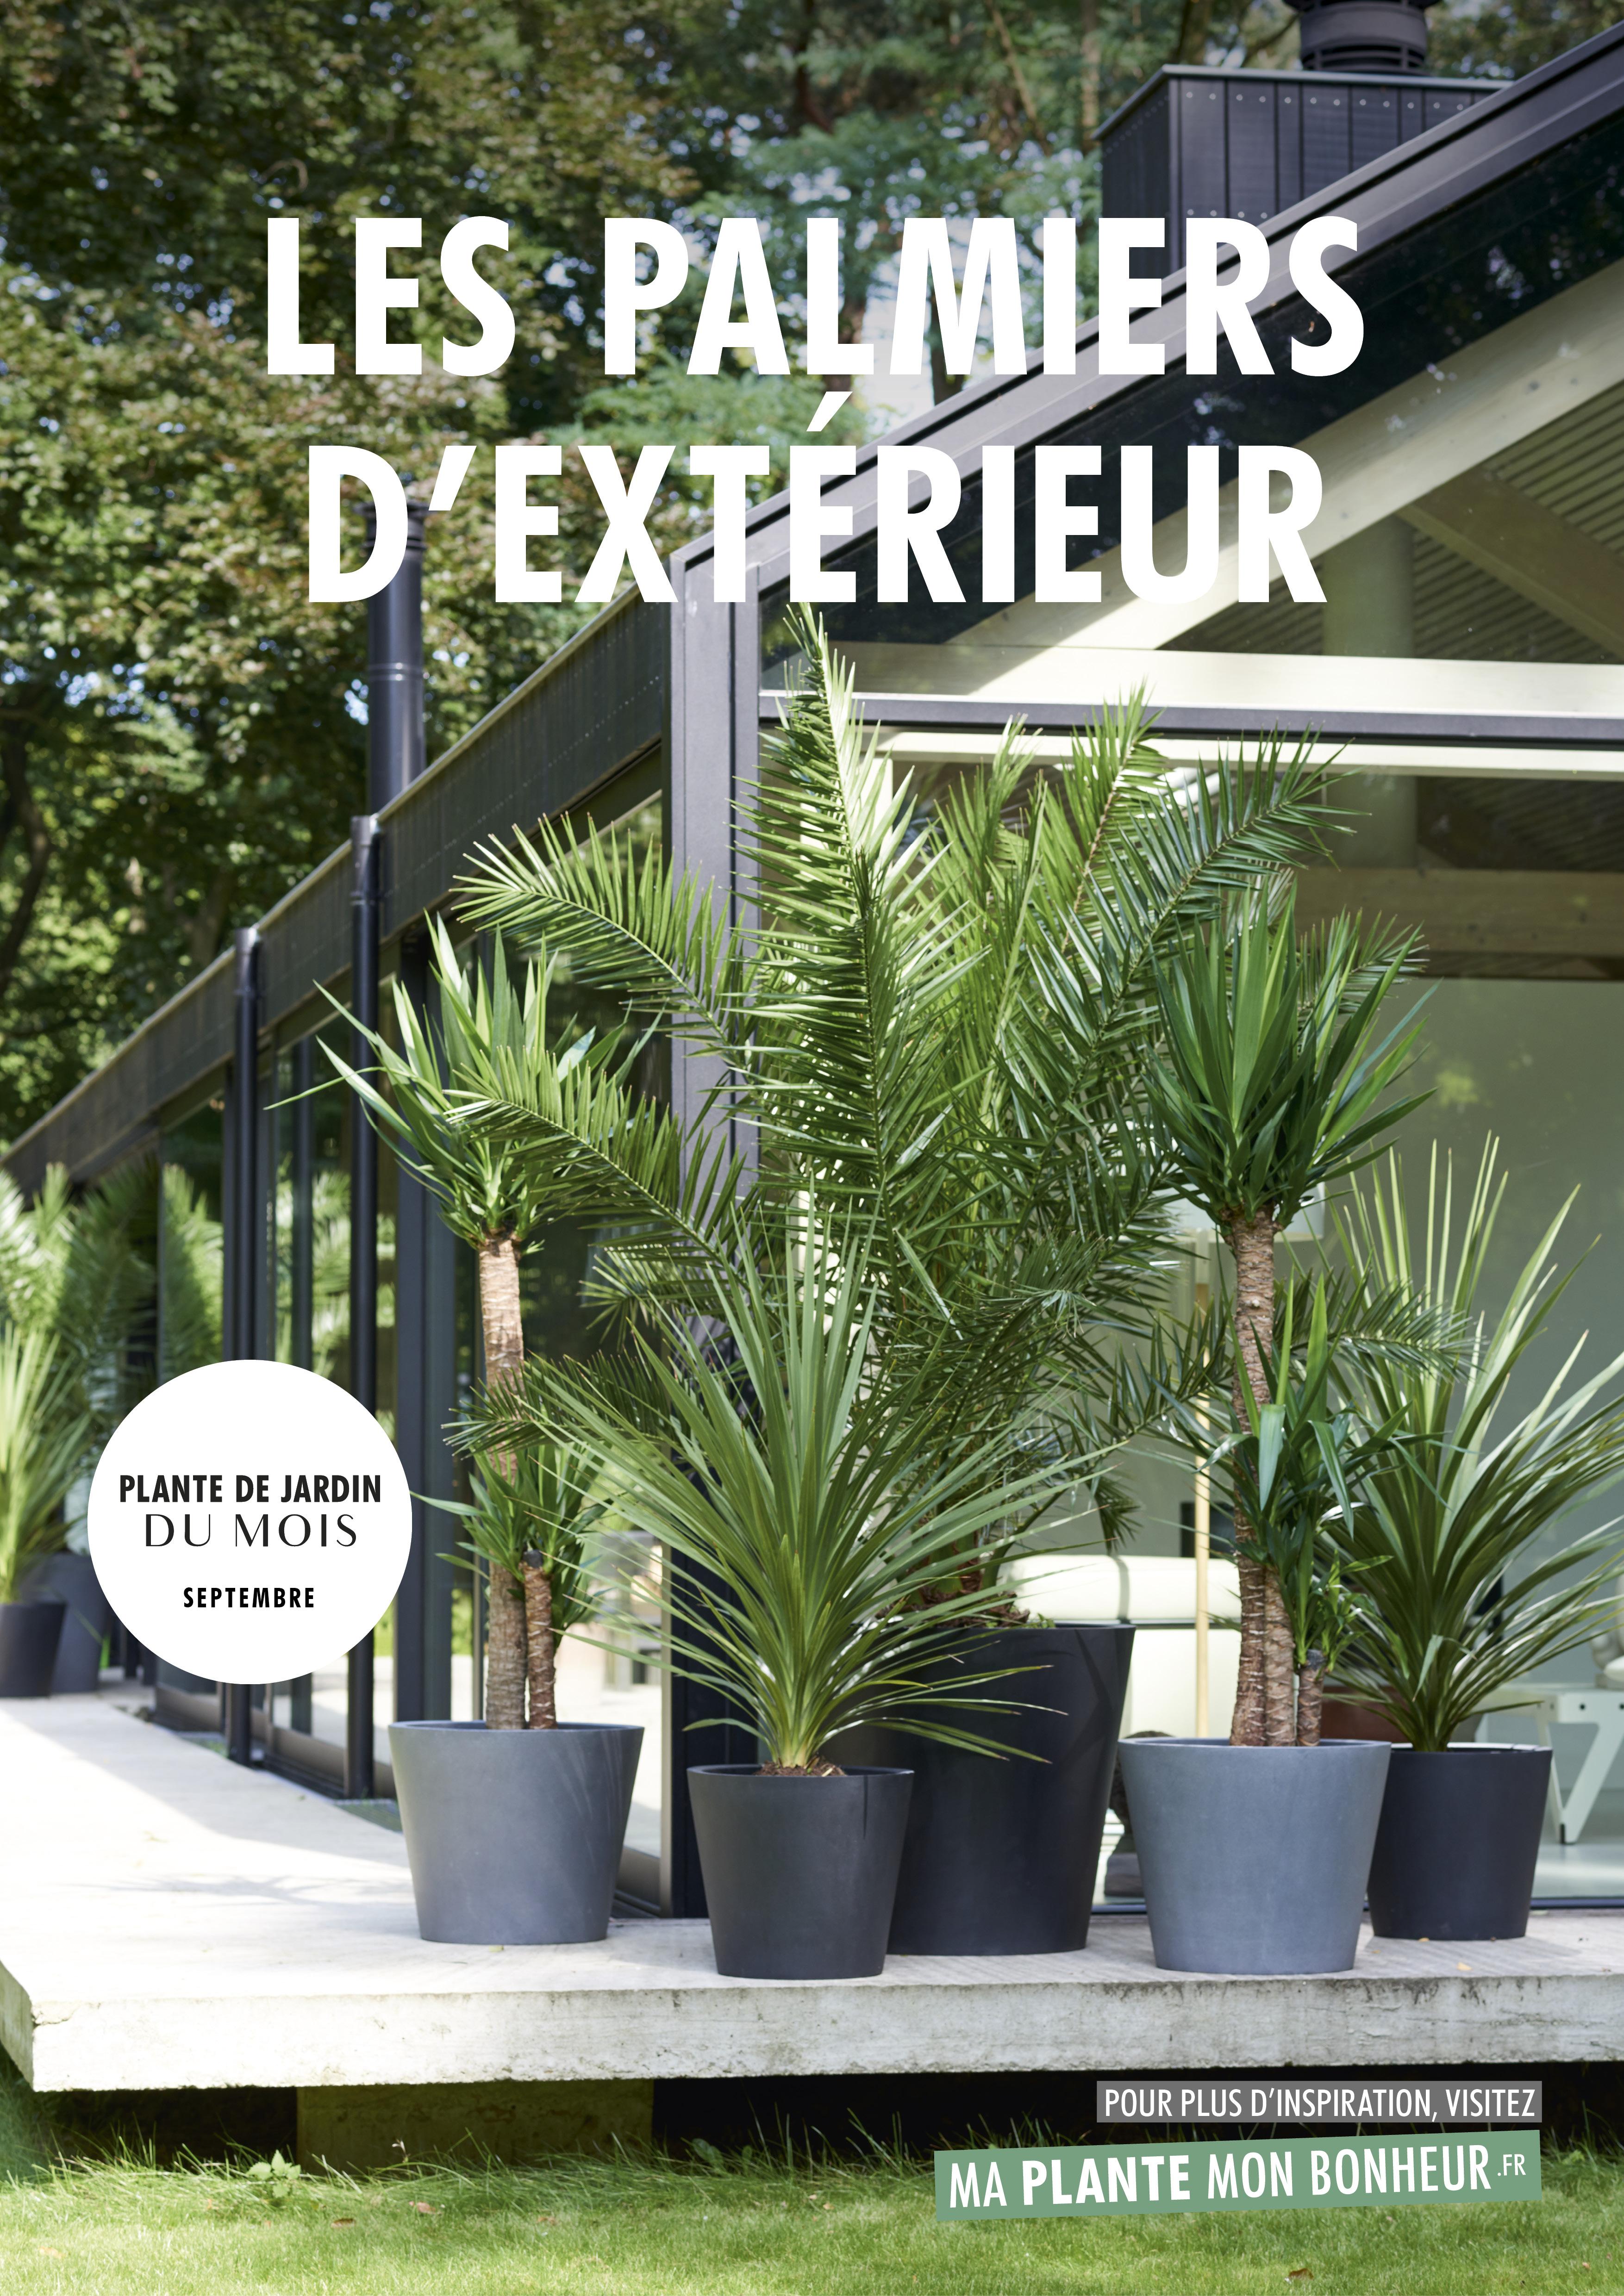 Plante A Planter En Septembre plante de jardin du mois de septembre: les palmiers d